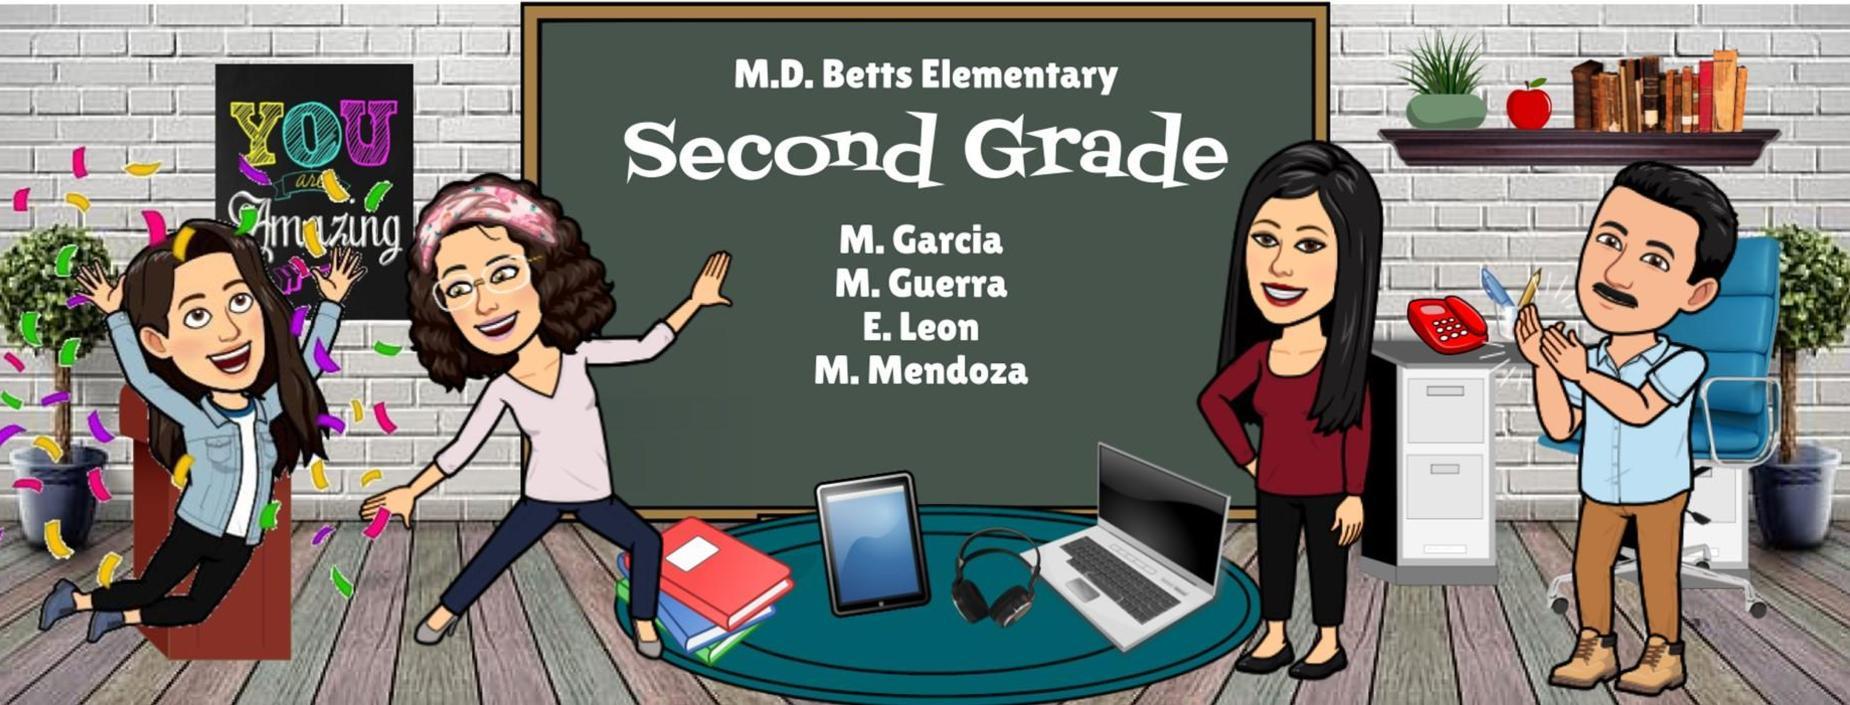 Image of Second Grade staff